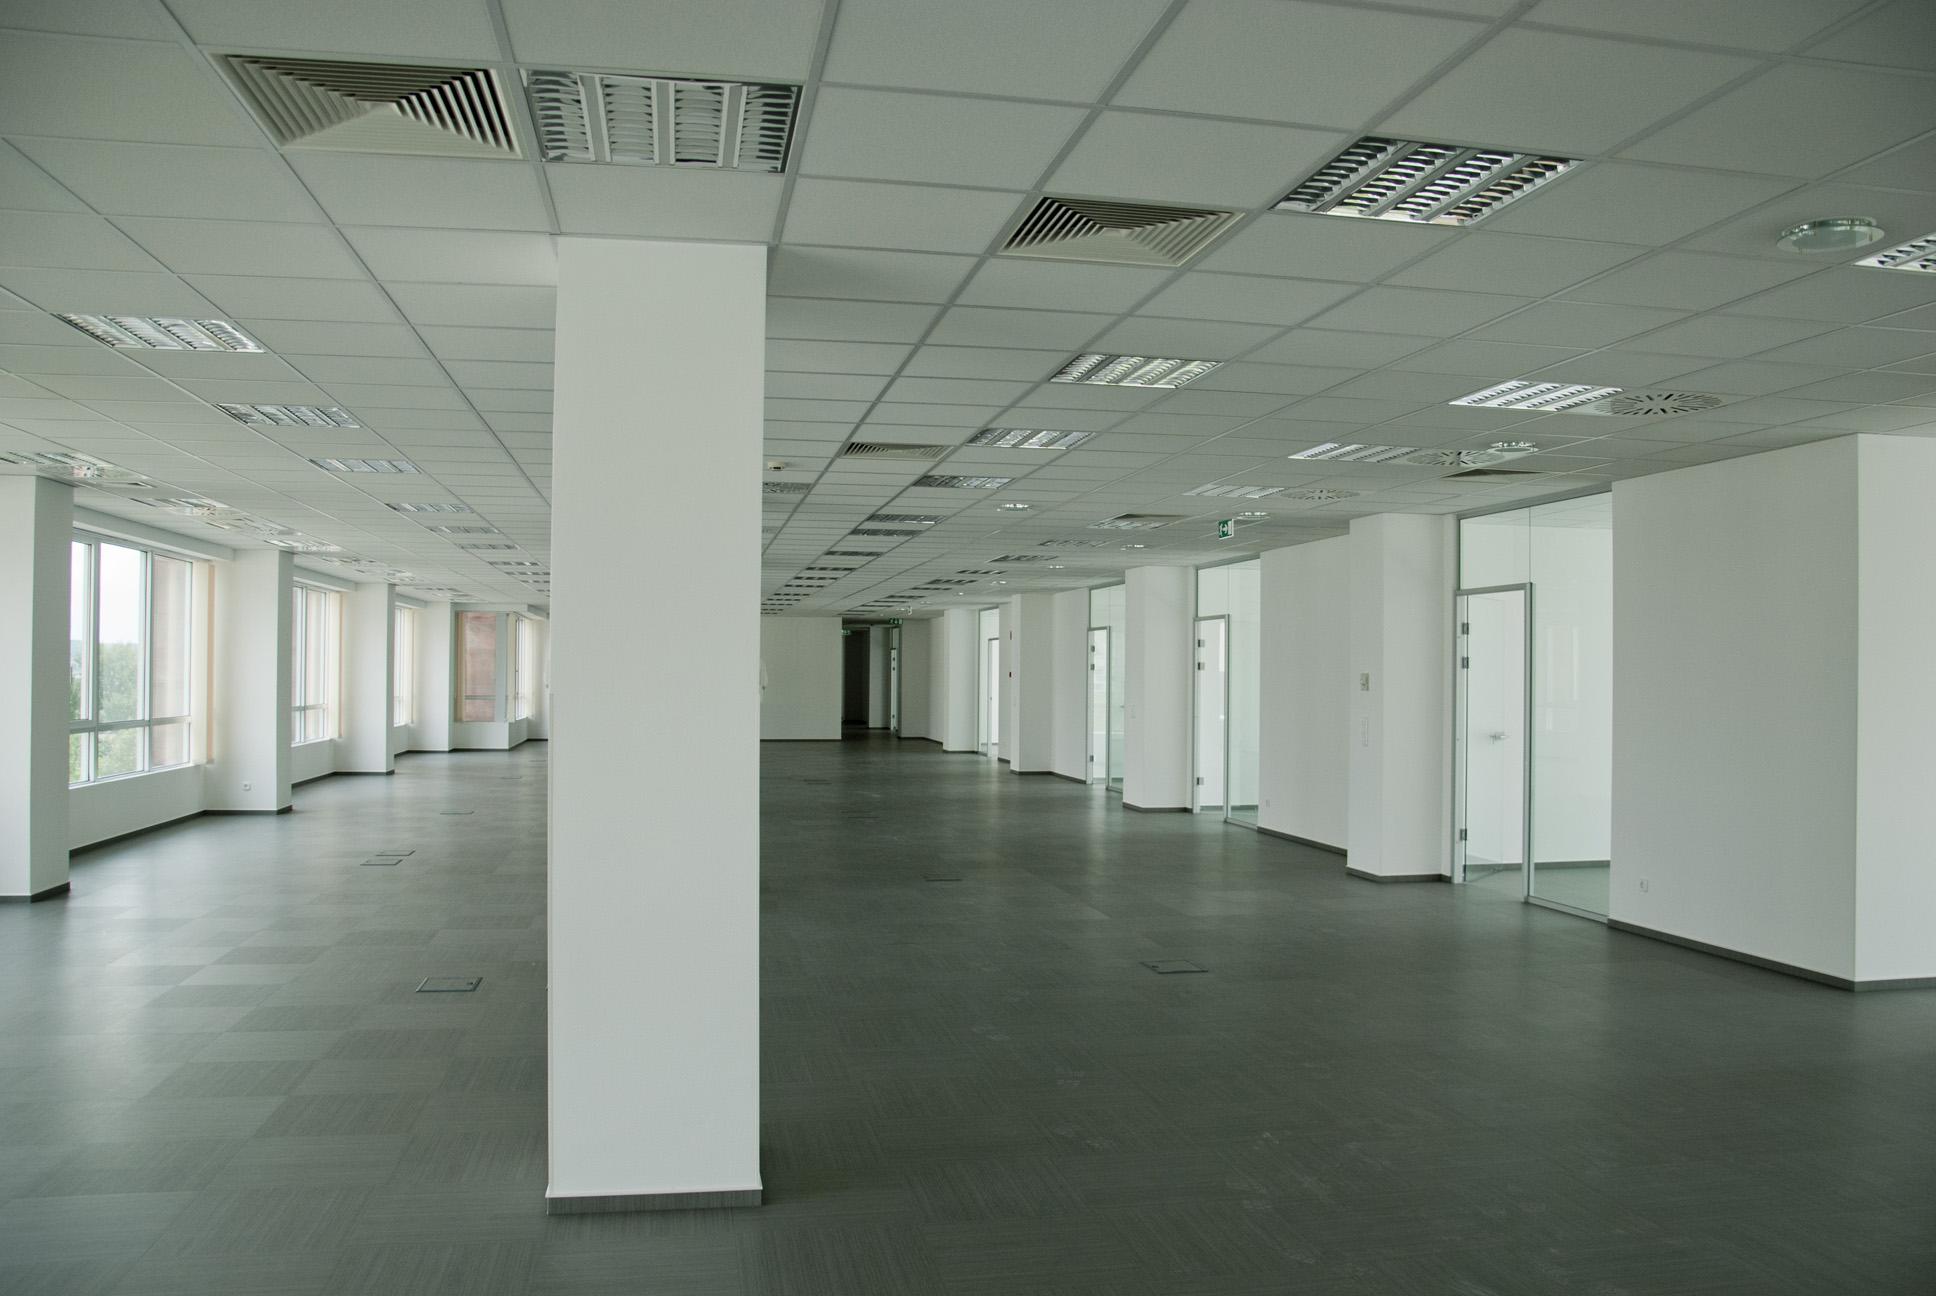 Az irodai környezet meghatározza a dolgozók hatékonyságát.